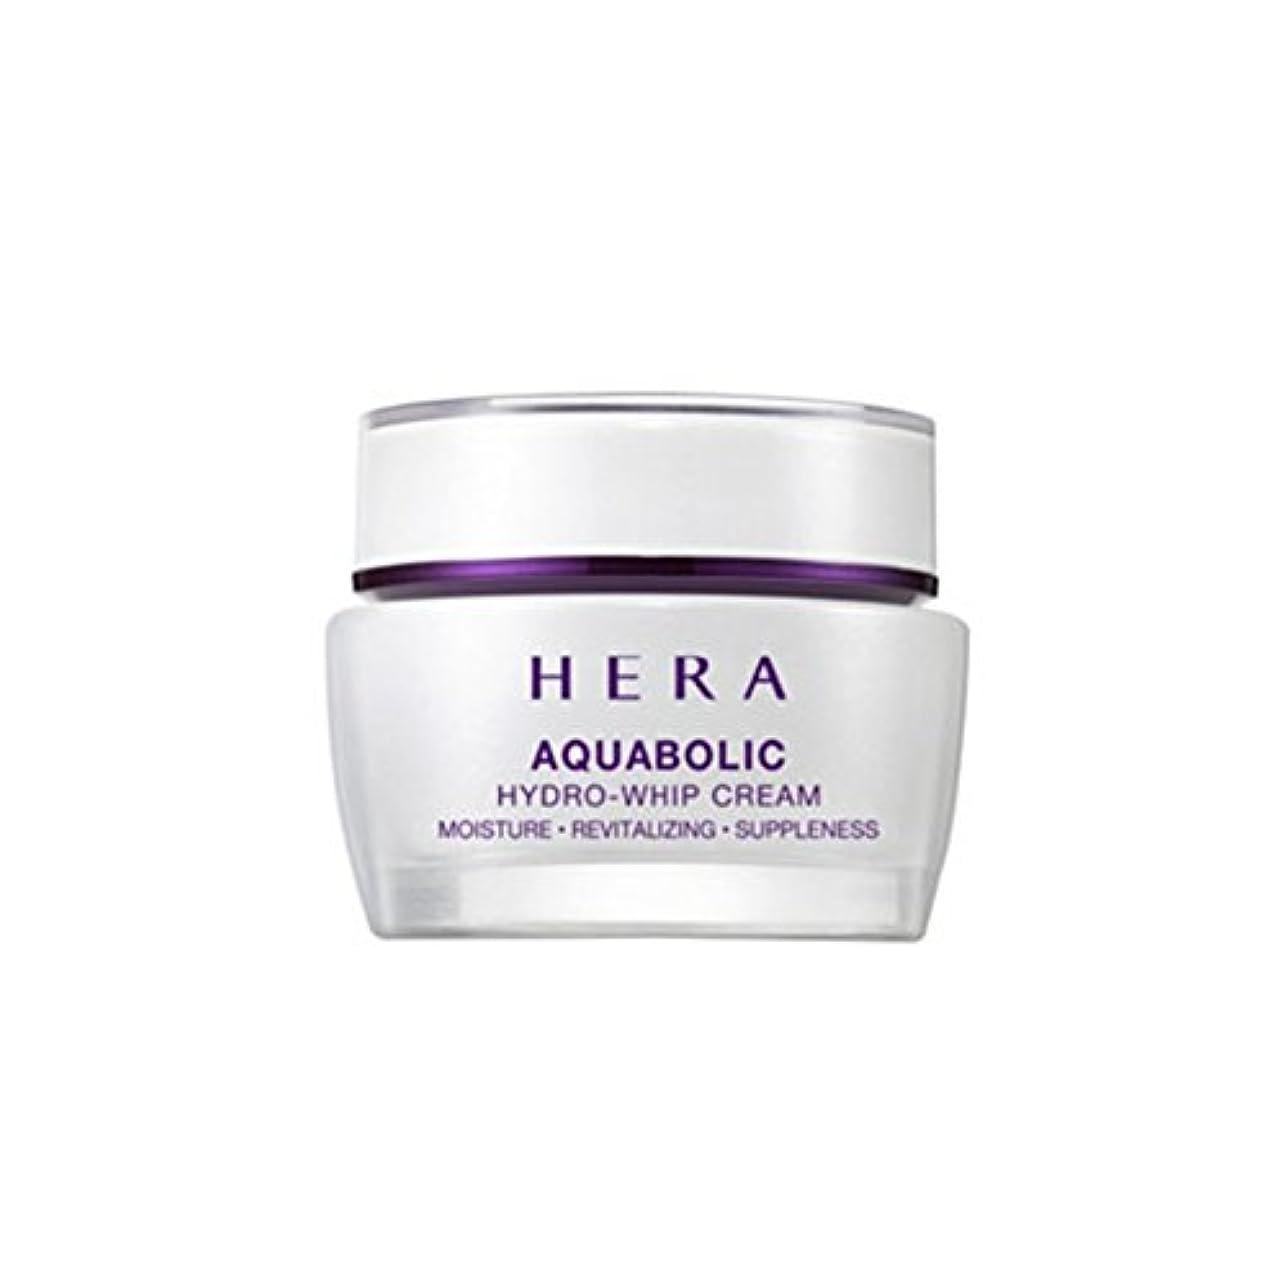 バーススピリチュアル同級生(ヘラ) HERA Aquabolic Hydro-Whip Cream アクアボリックハイドロホイップ クリーム (韓国直発送) oopspanda